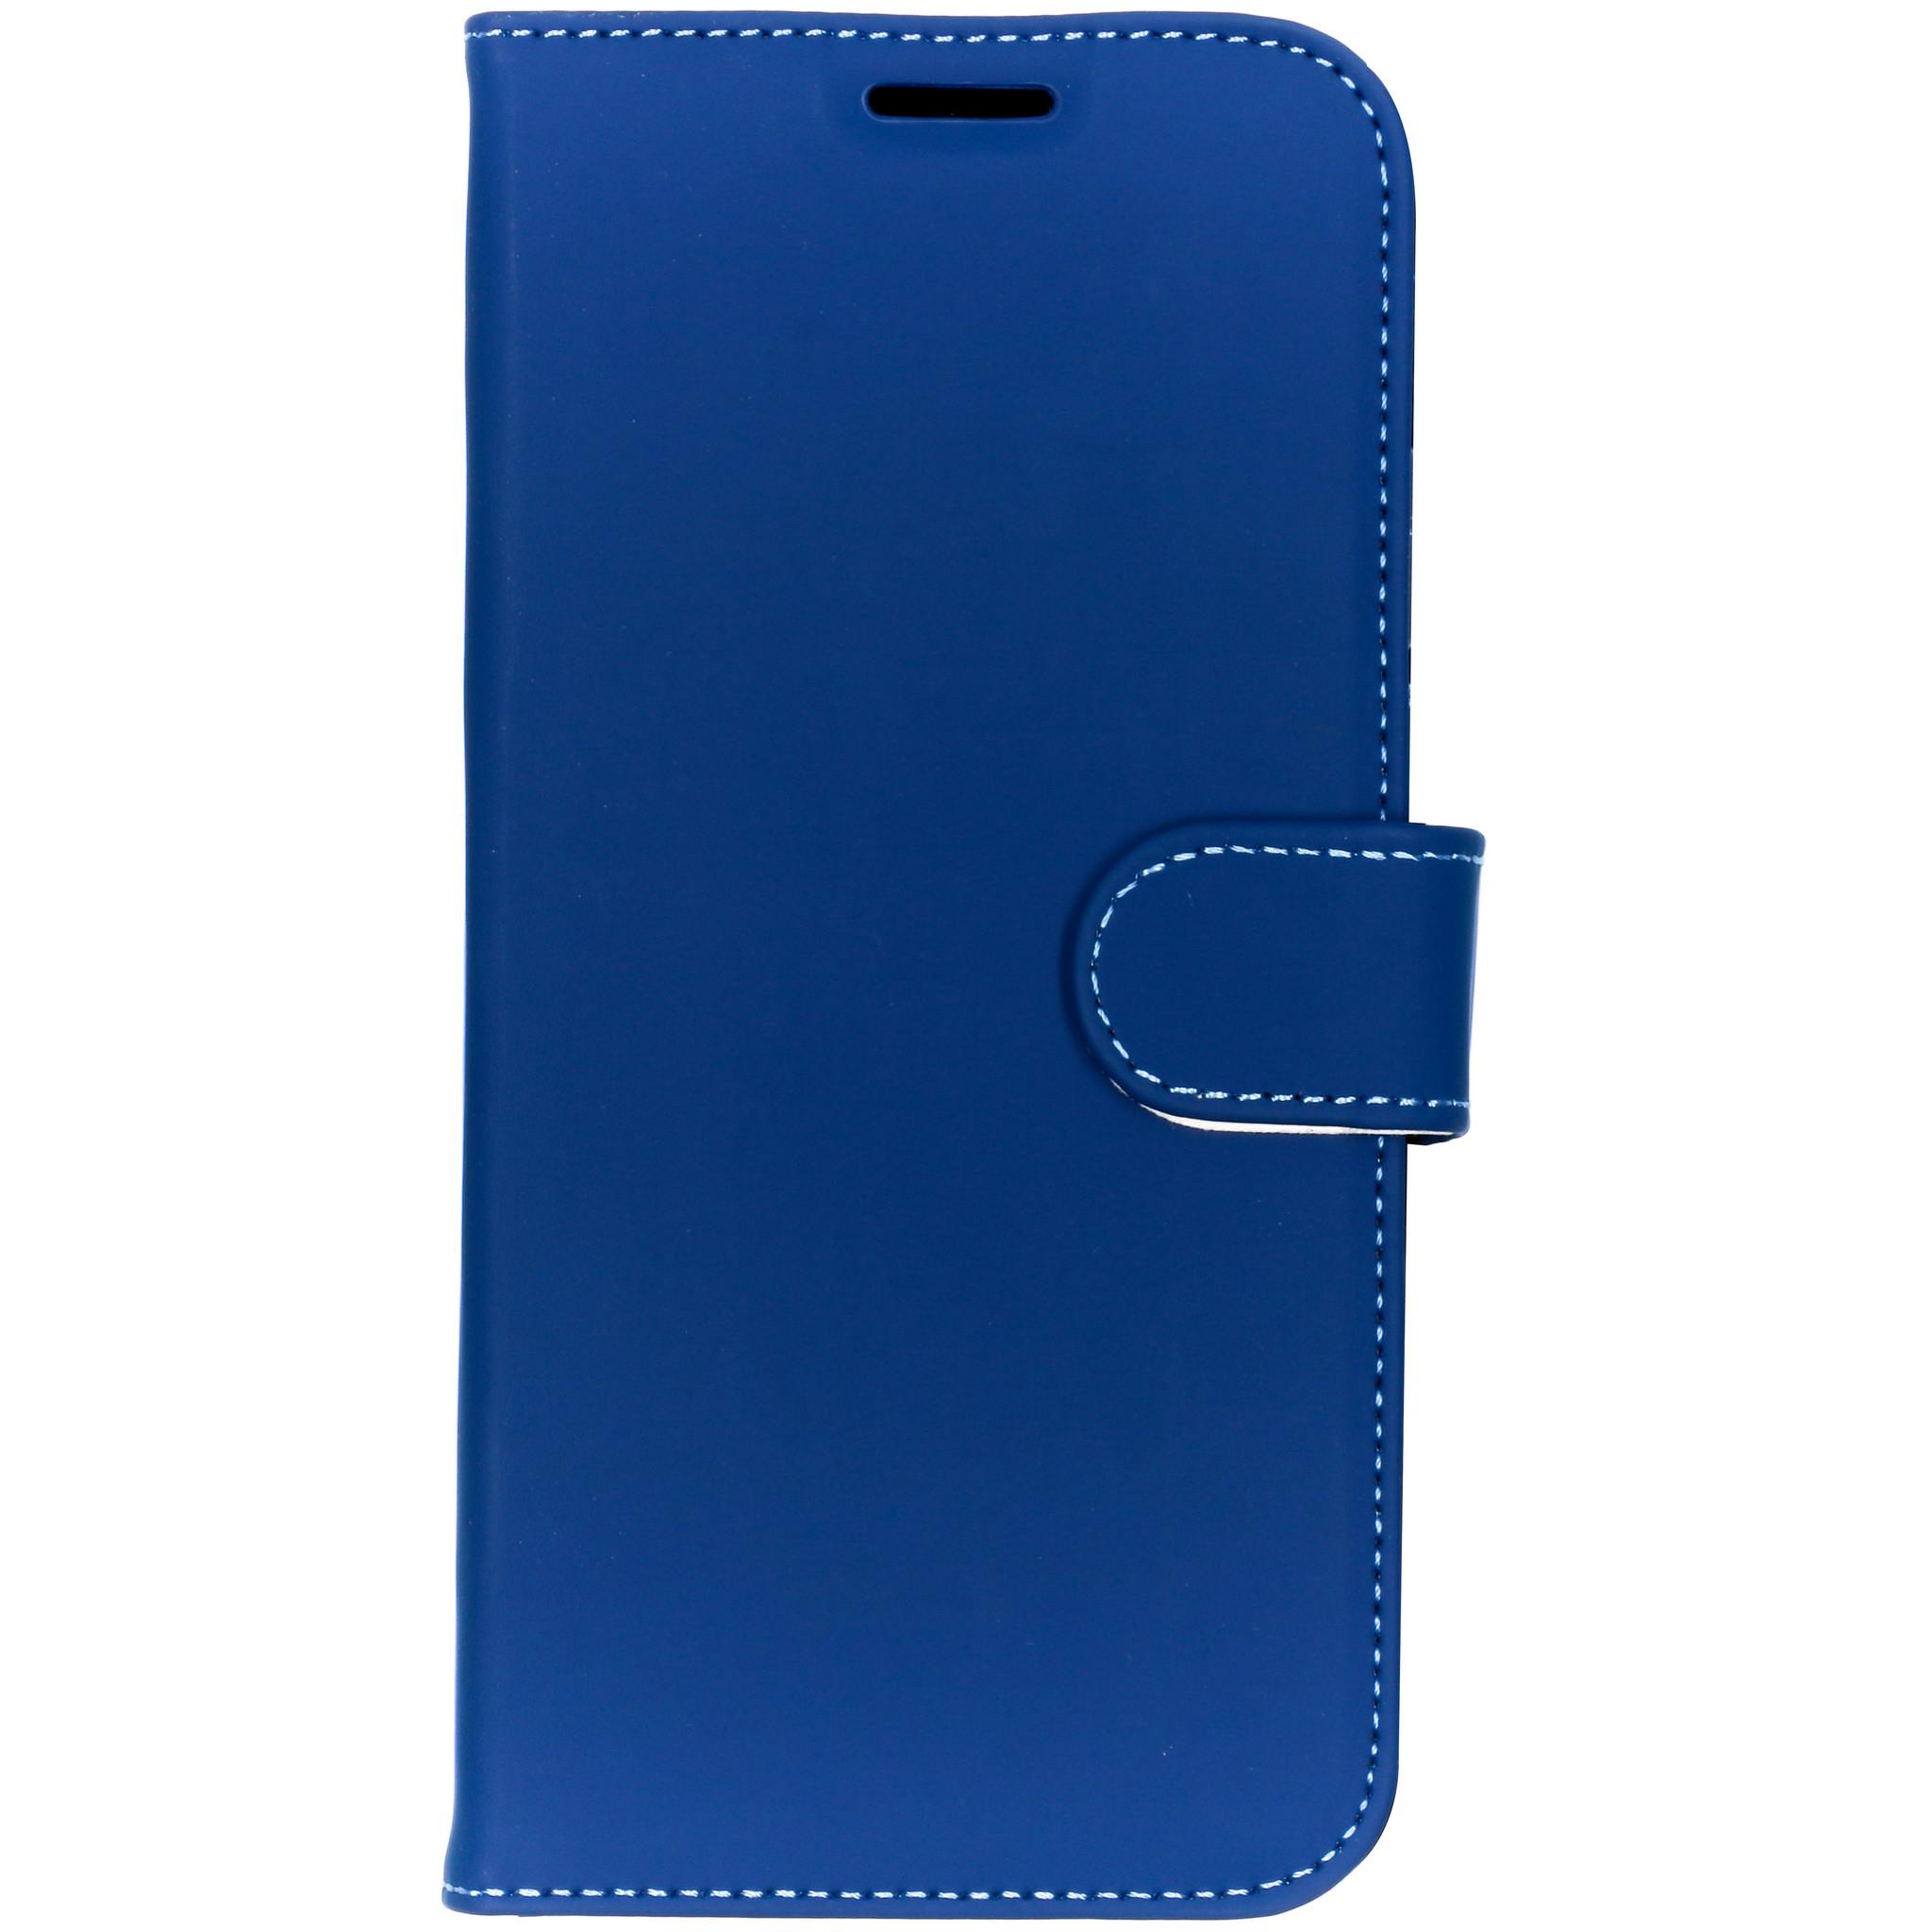 Accezz Wallet TPU Booklet Blau für das iPhone Xs Max